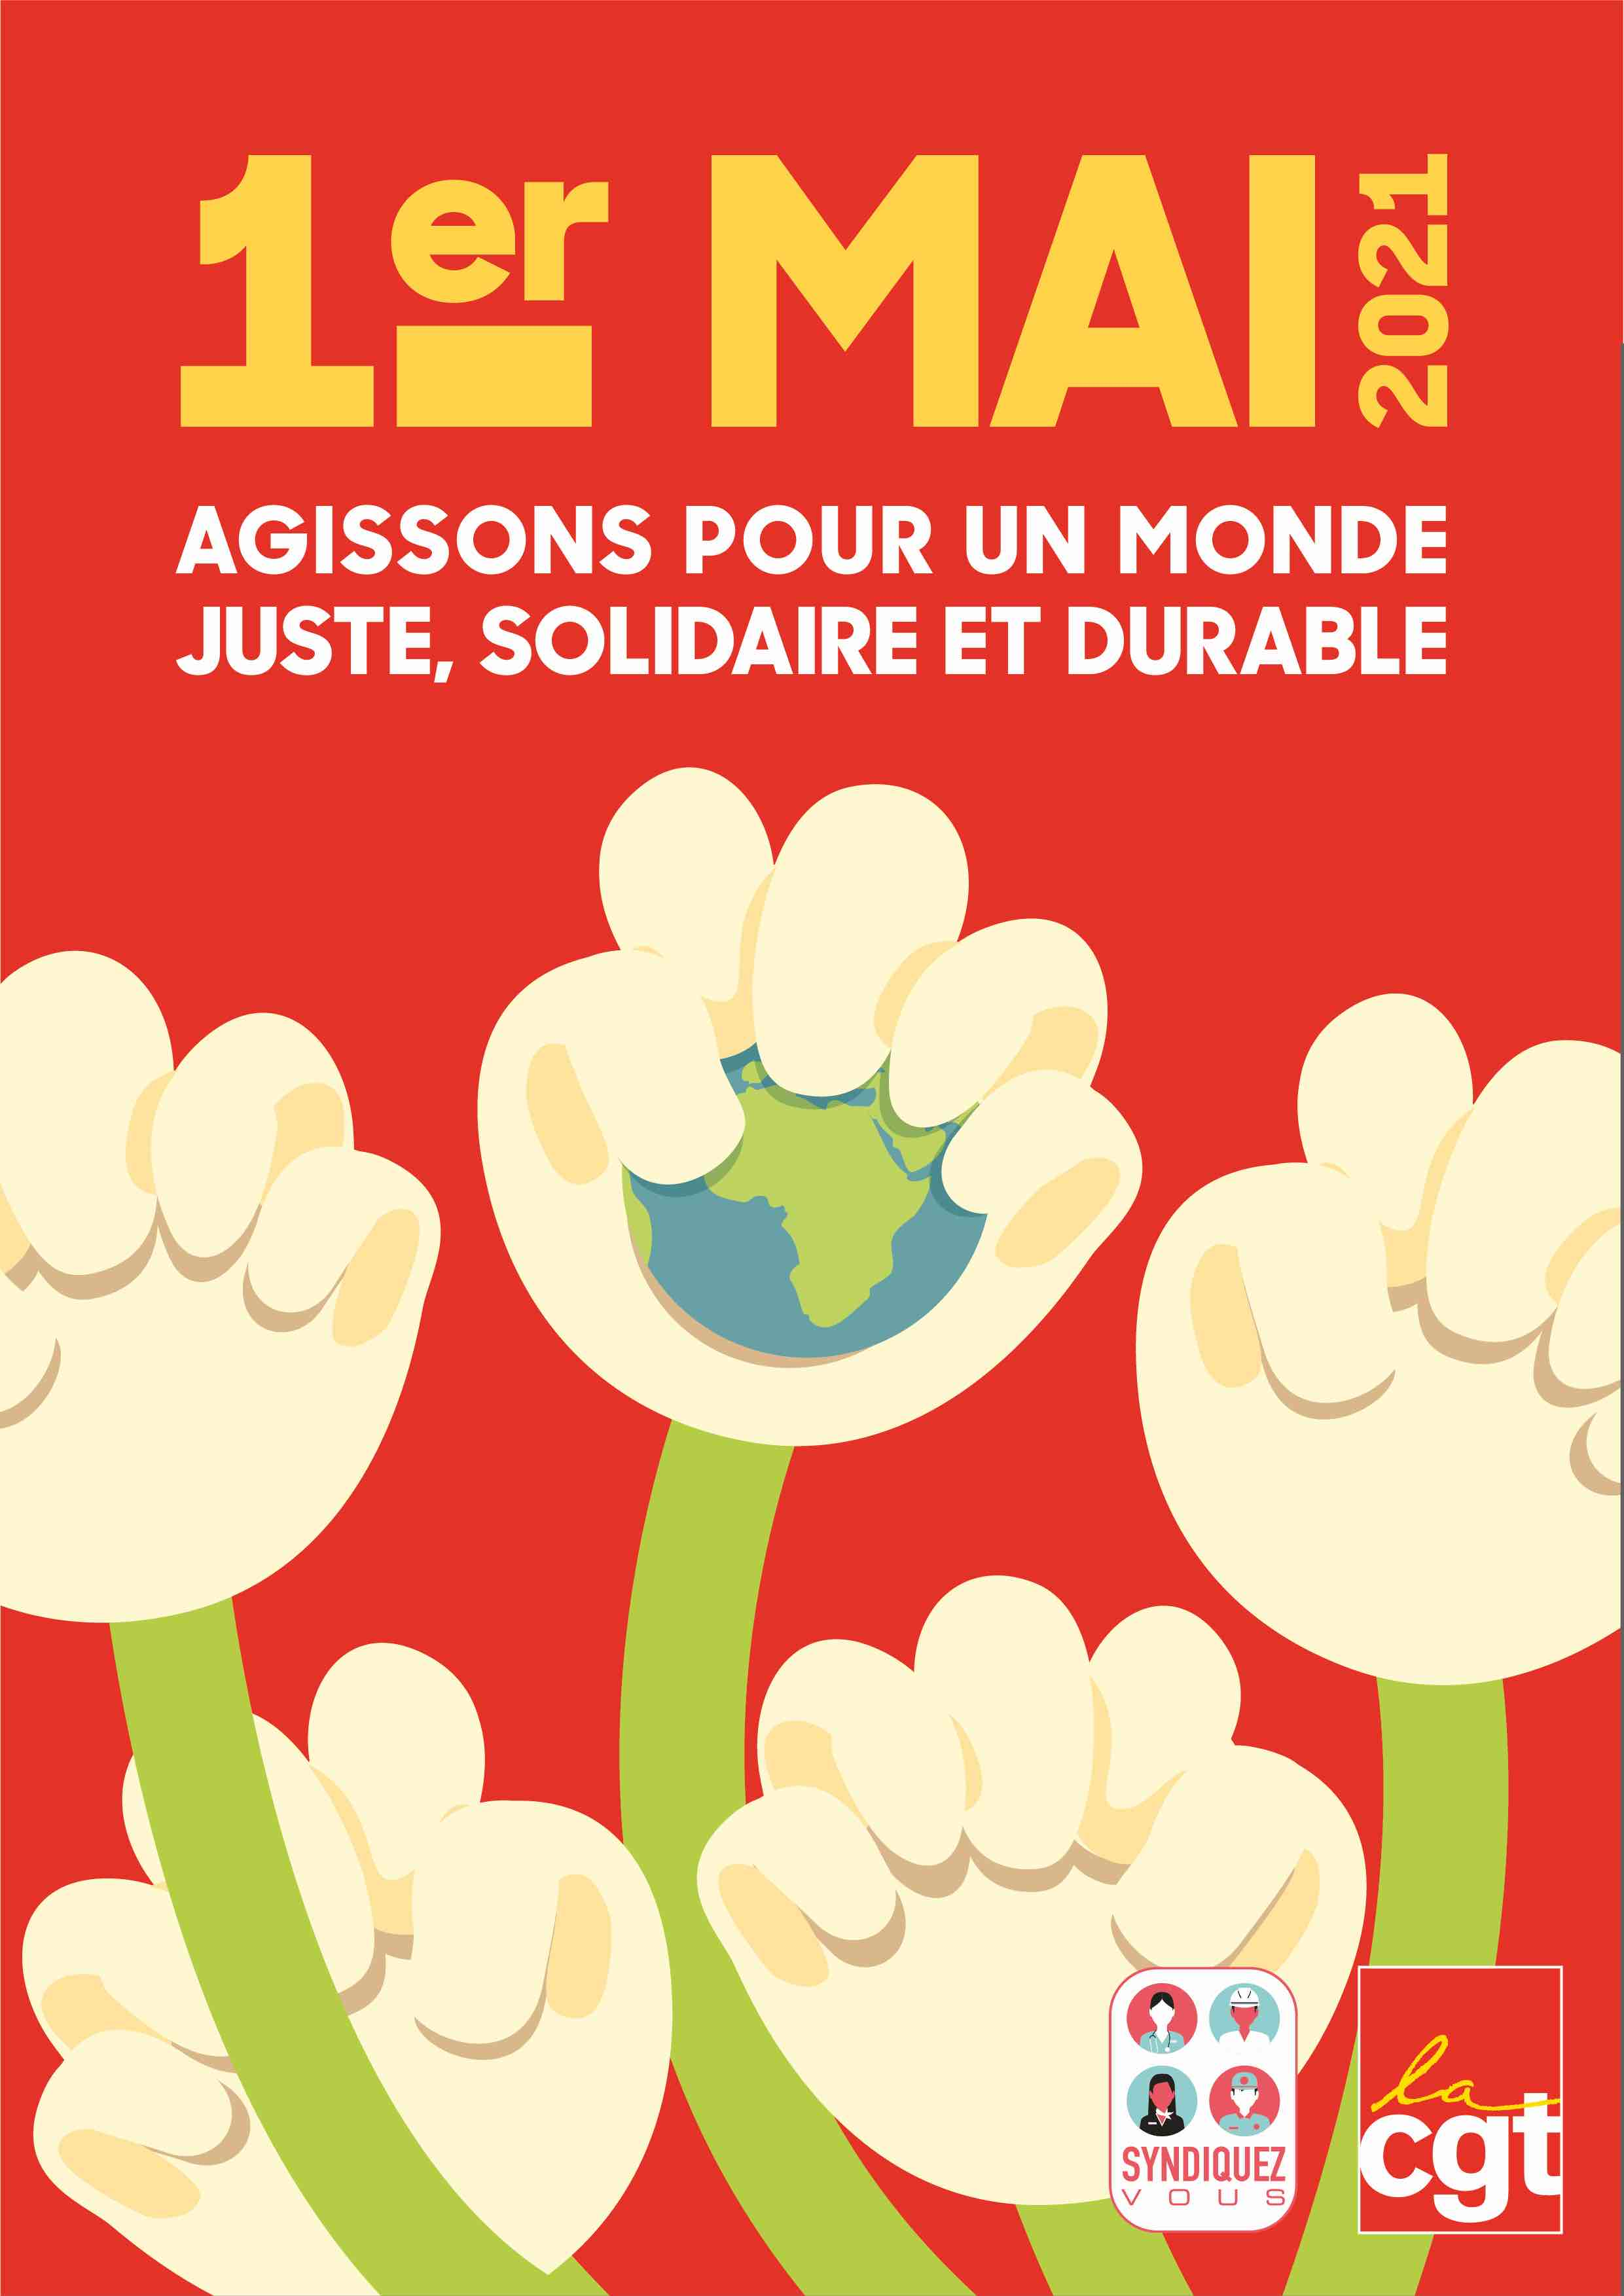 1er mai 2021 : Ensemble pour les droits sociaux et les libertés